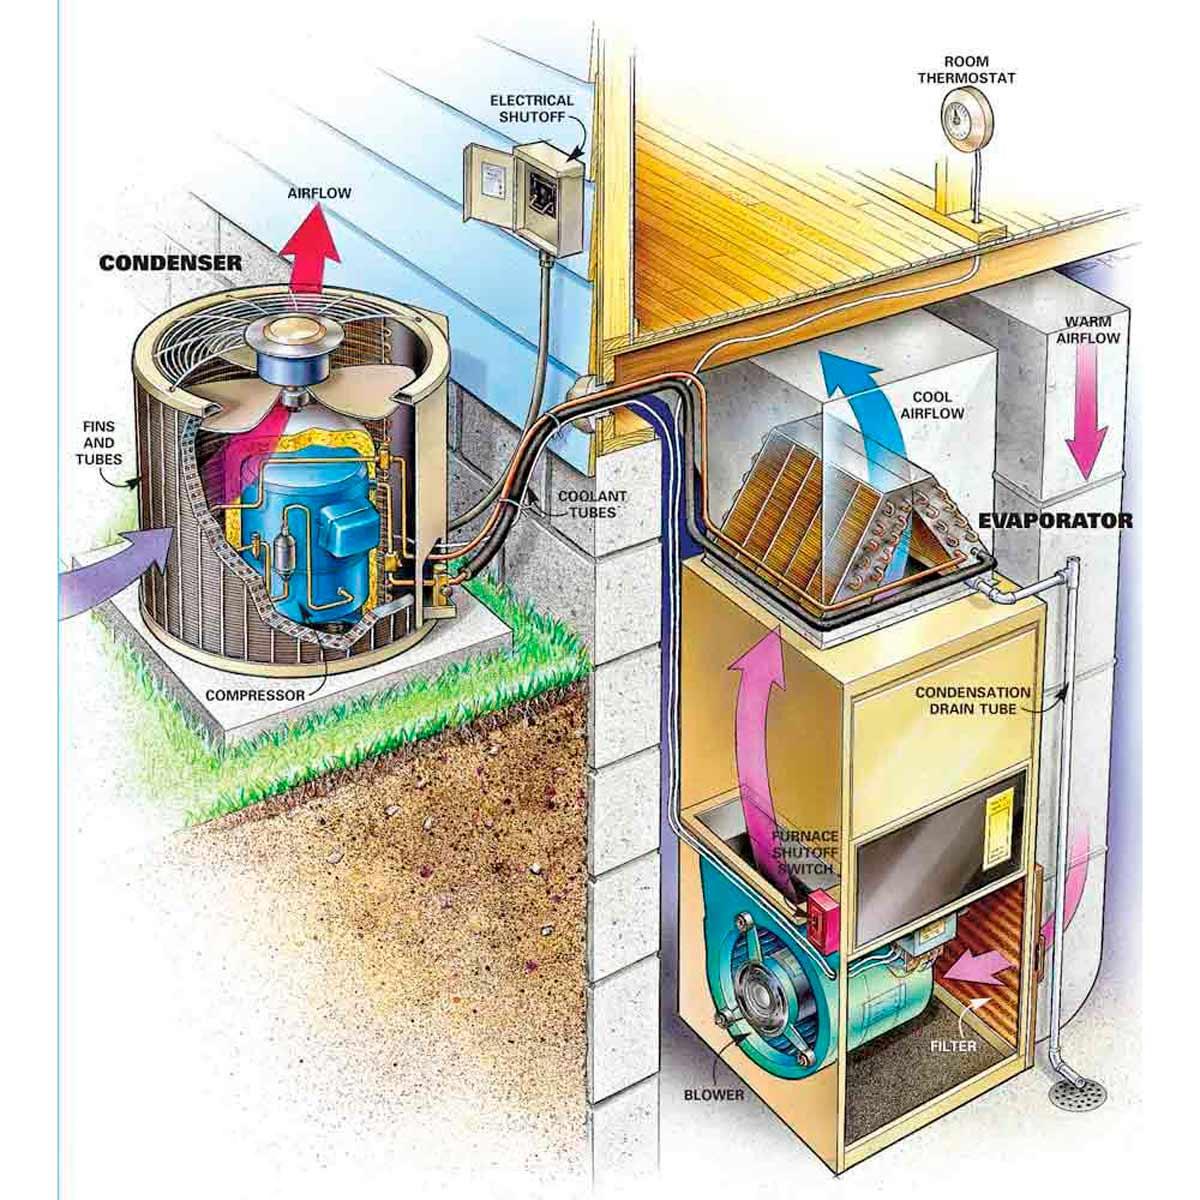 evaporator and condenser